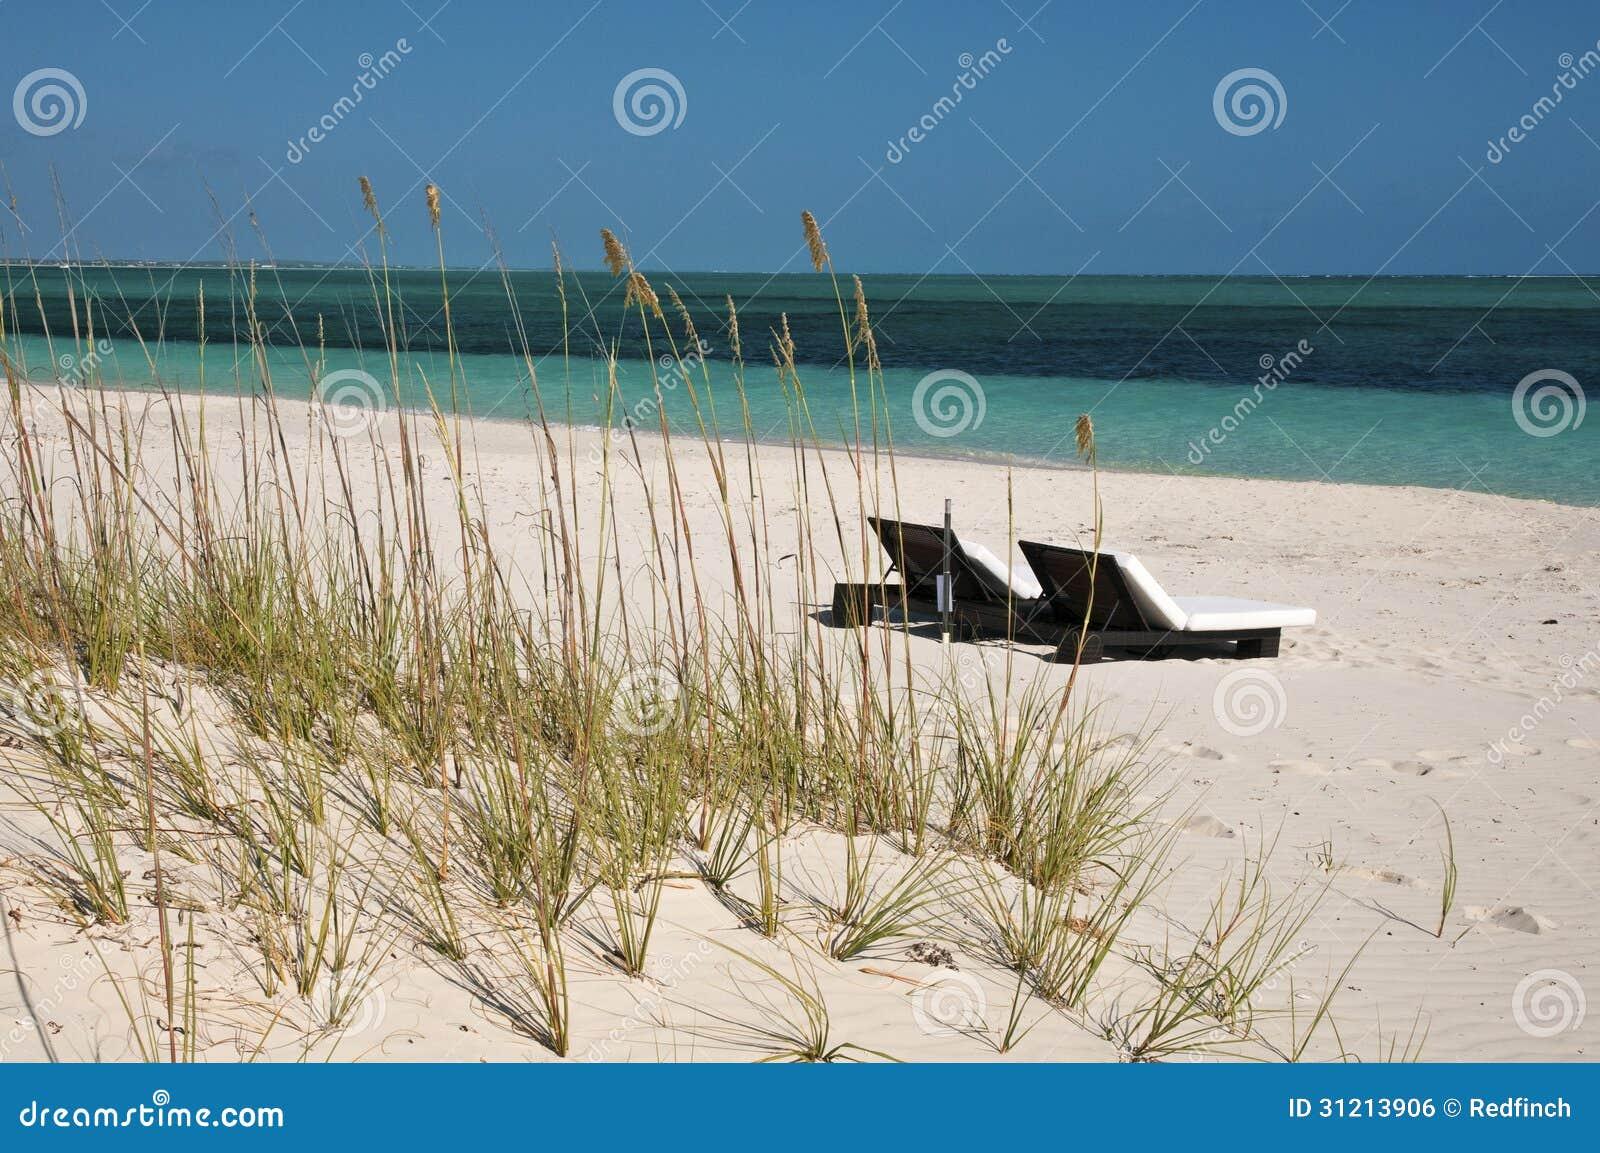 Zitkamerstoelen op het strand in Turken & Caicos